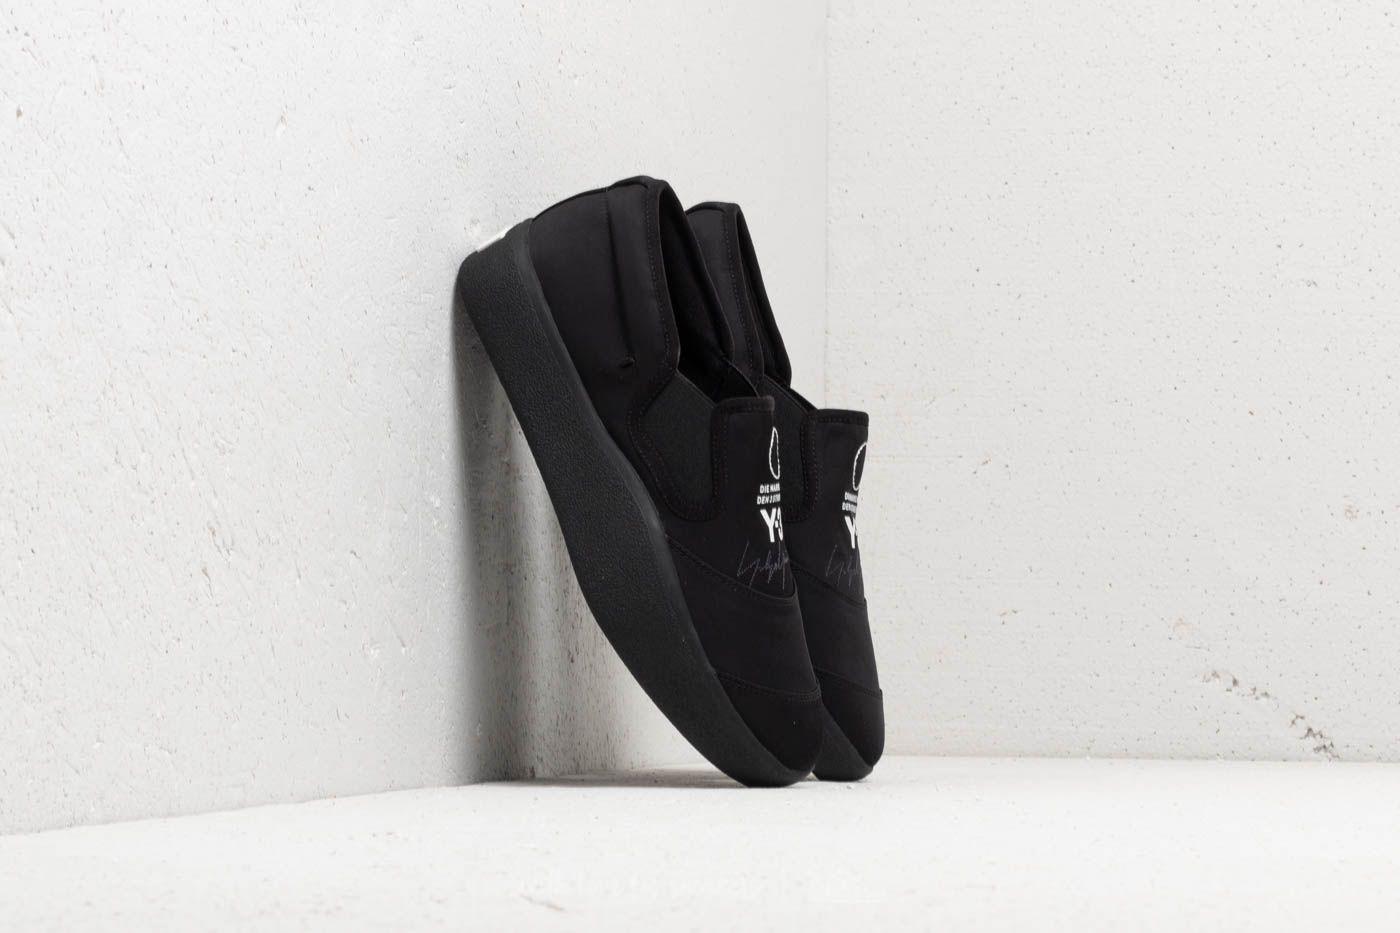 Y-3 TANGUTSU Black/ Black/ Black za skvělou cenu 5 190 Kč koupíte na Footshop.cz